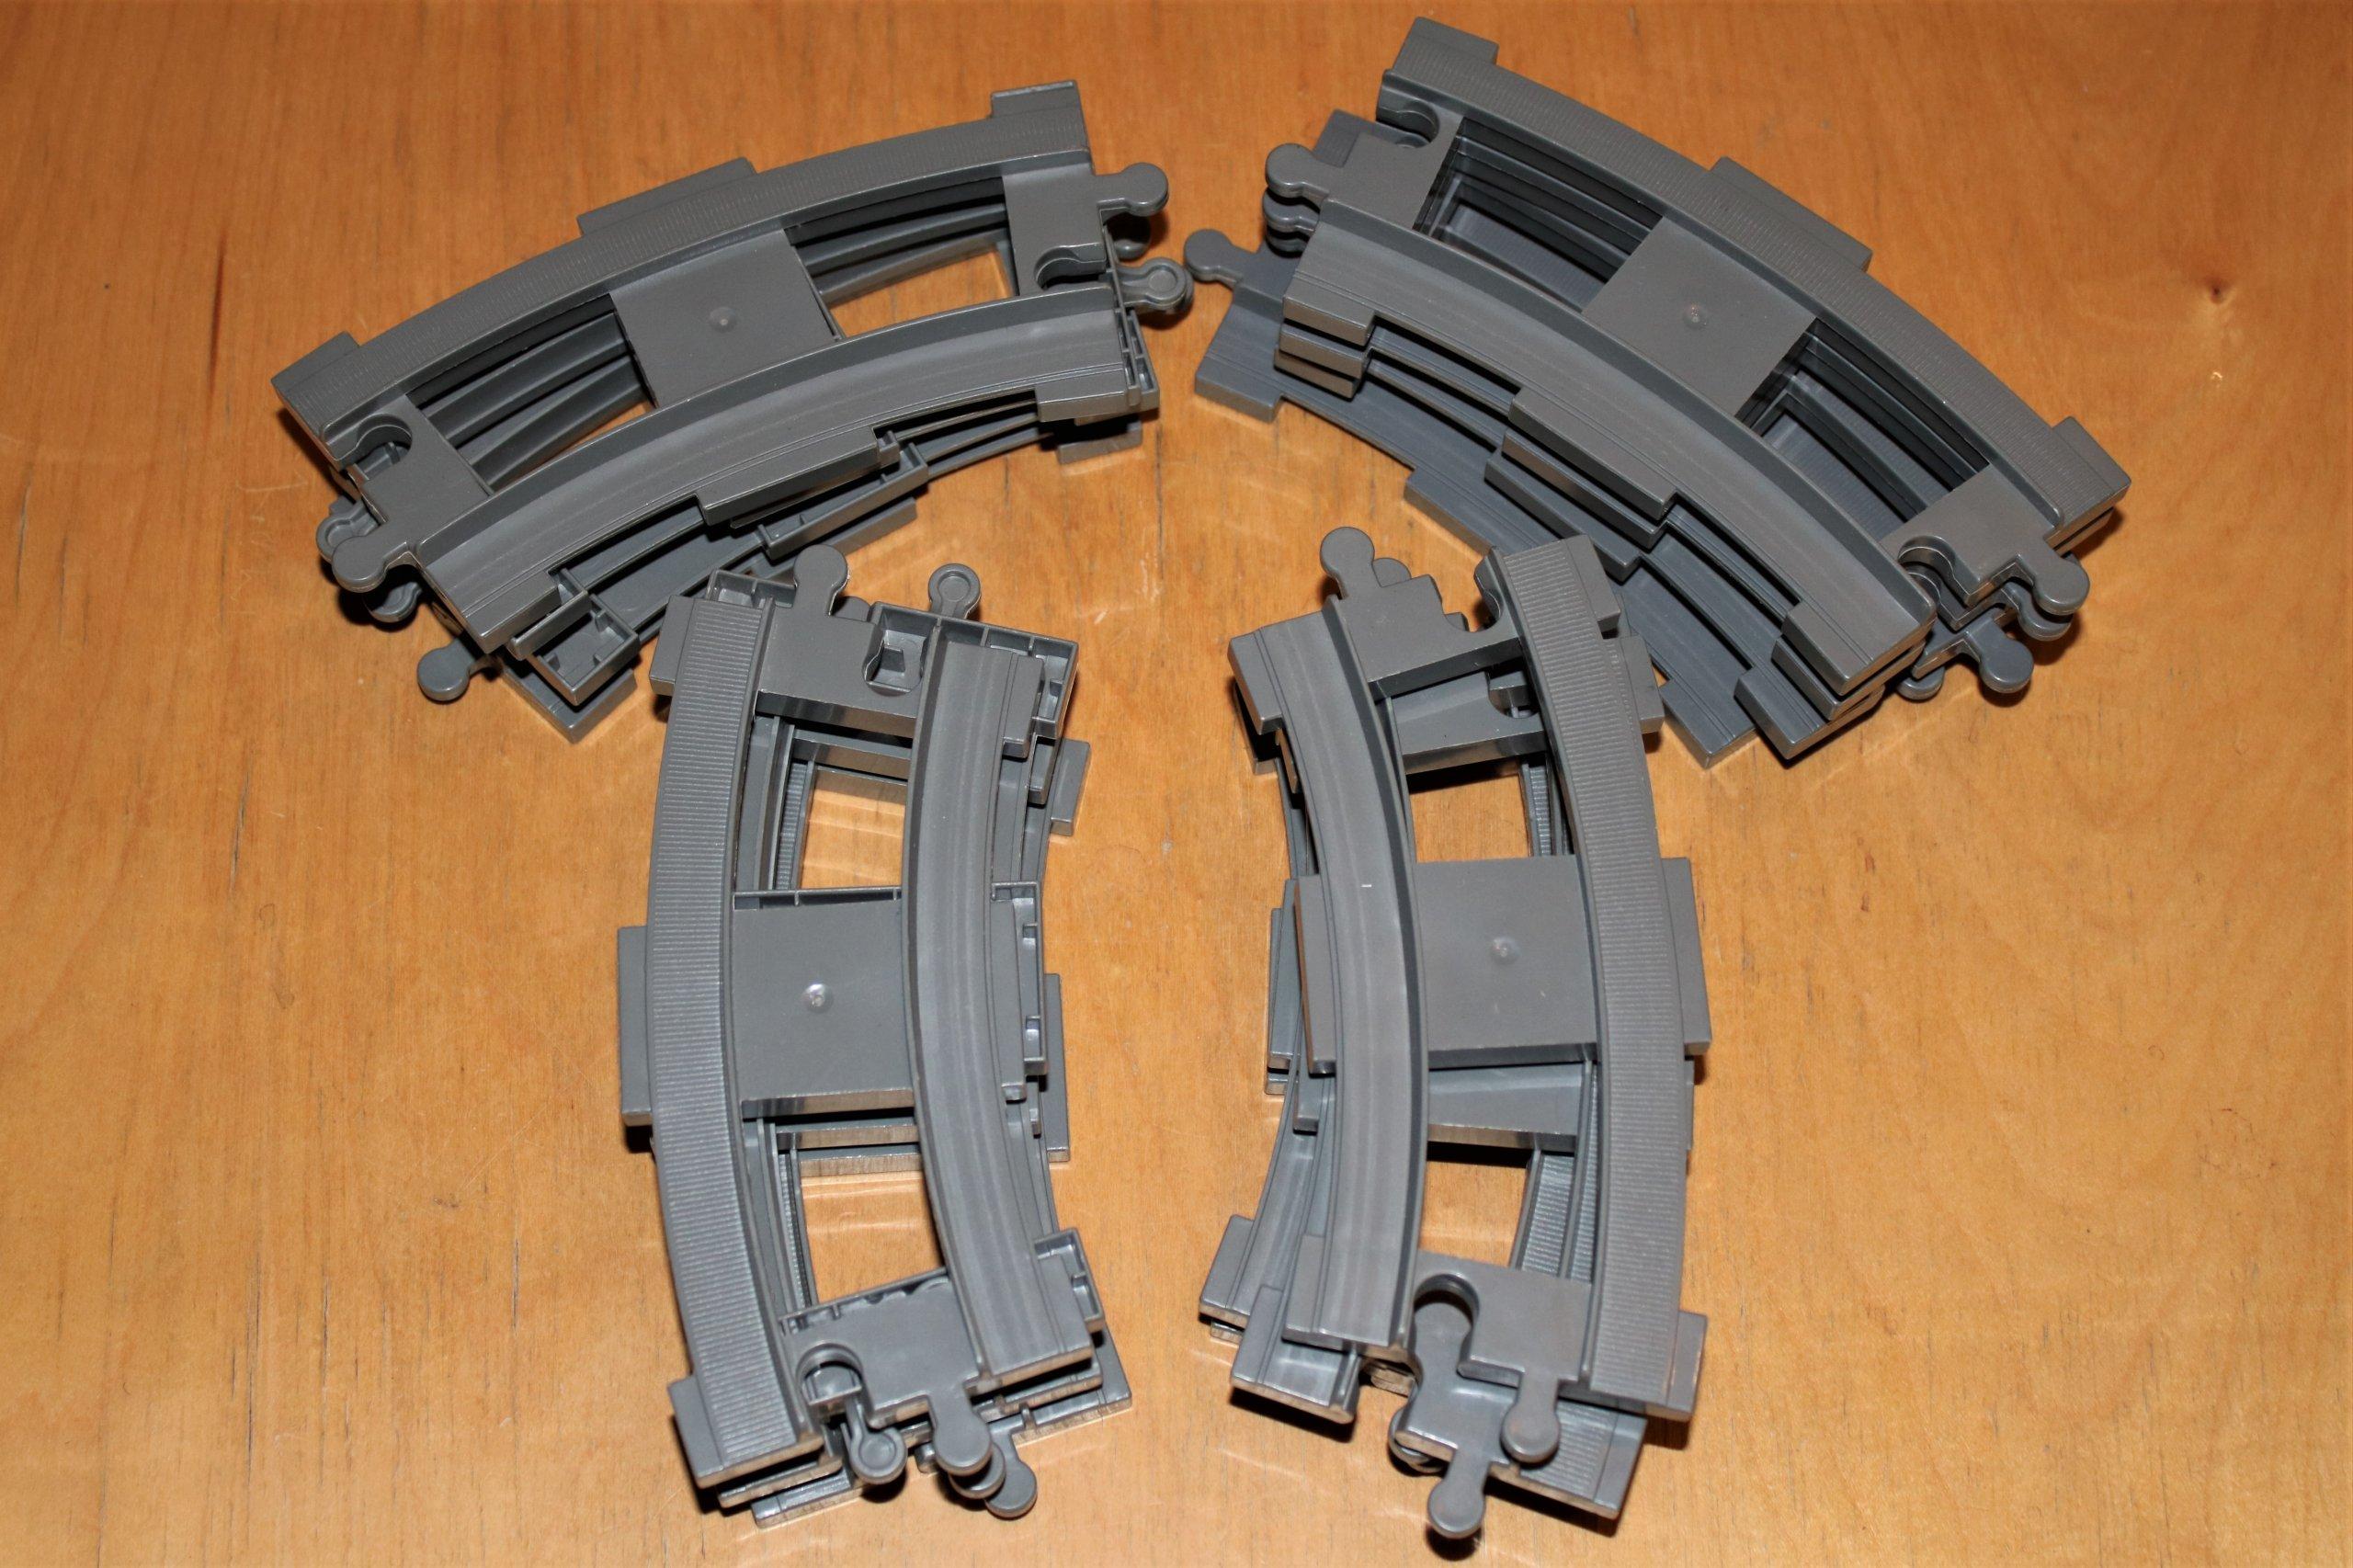 Lego Duplo Tory 16 Części Komplet Jak Nowe 7321353761 Oficjalne